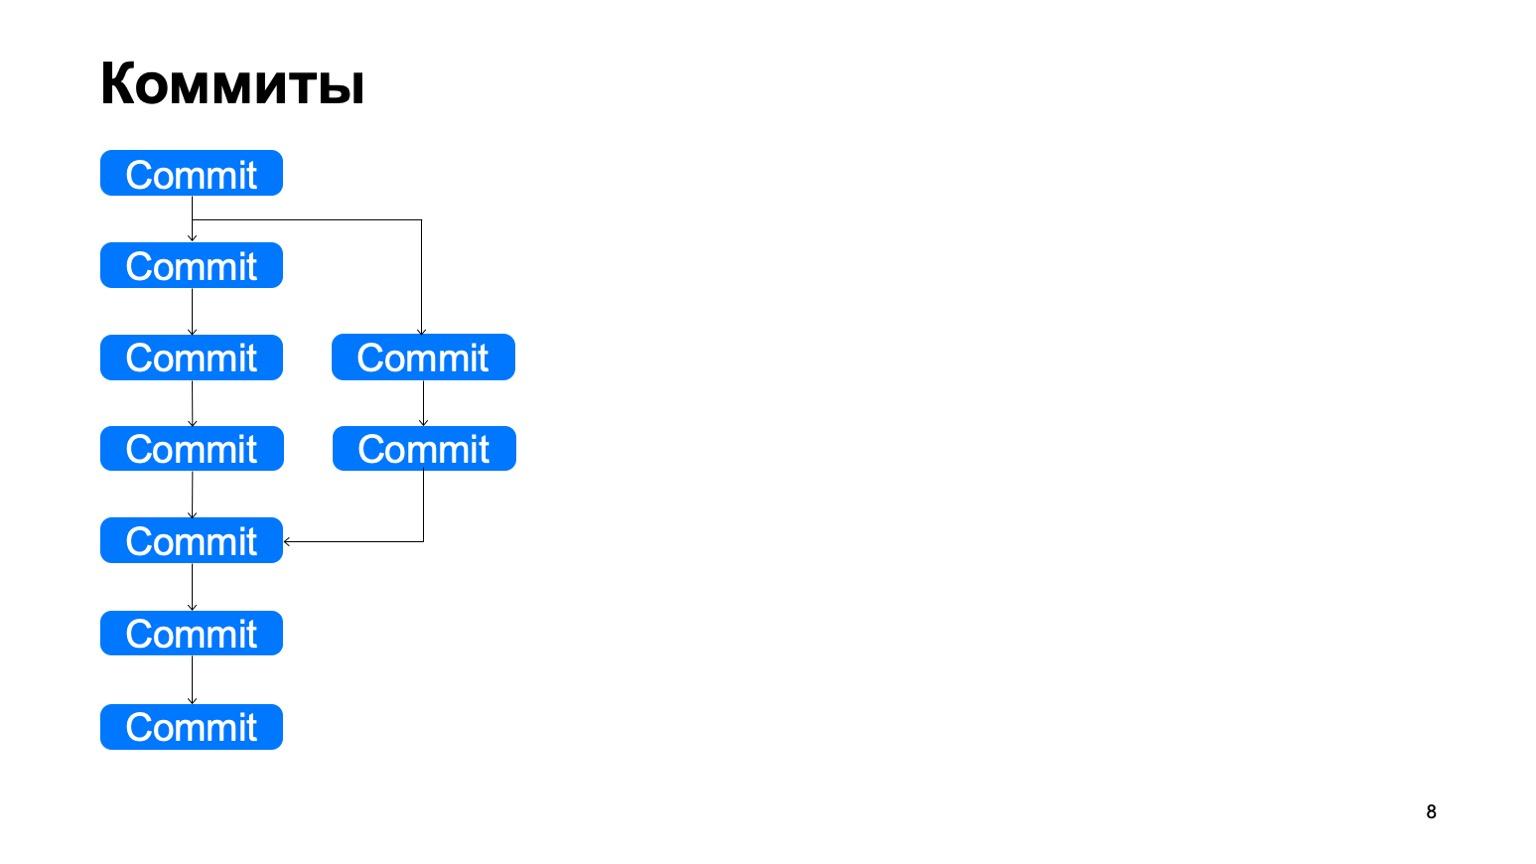 Arc — система контроля версий для монорепозитория. Доклад Яндекса - 8